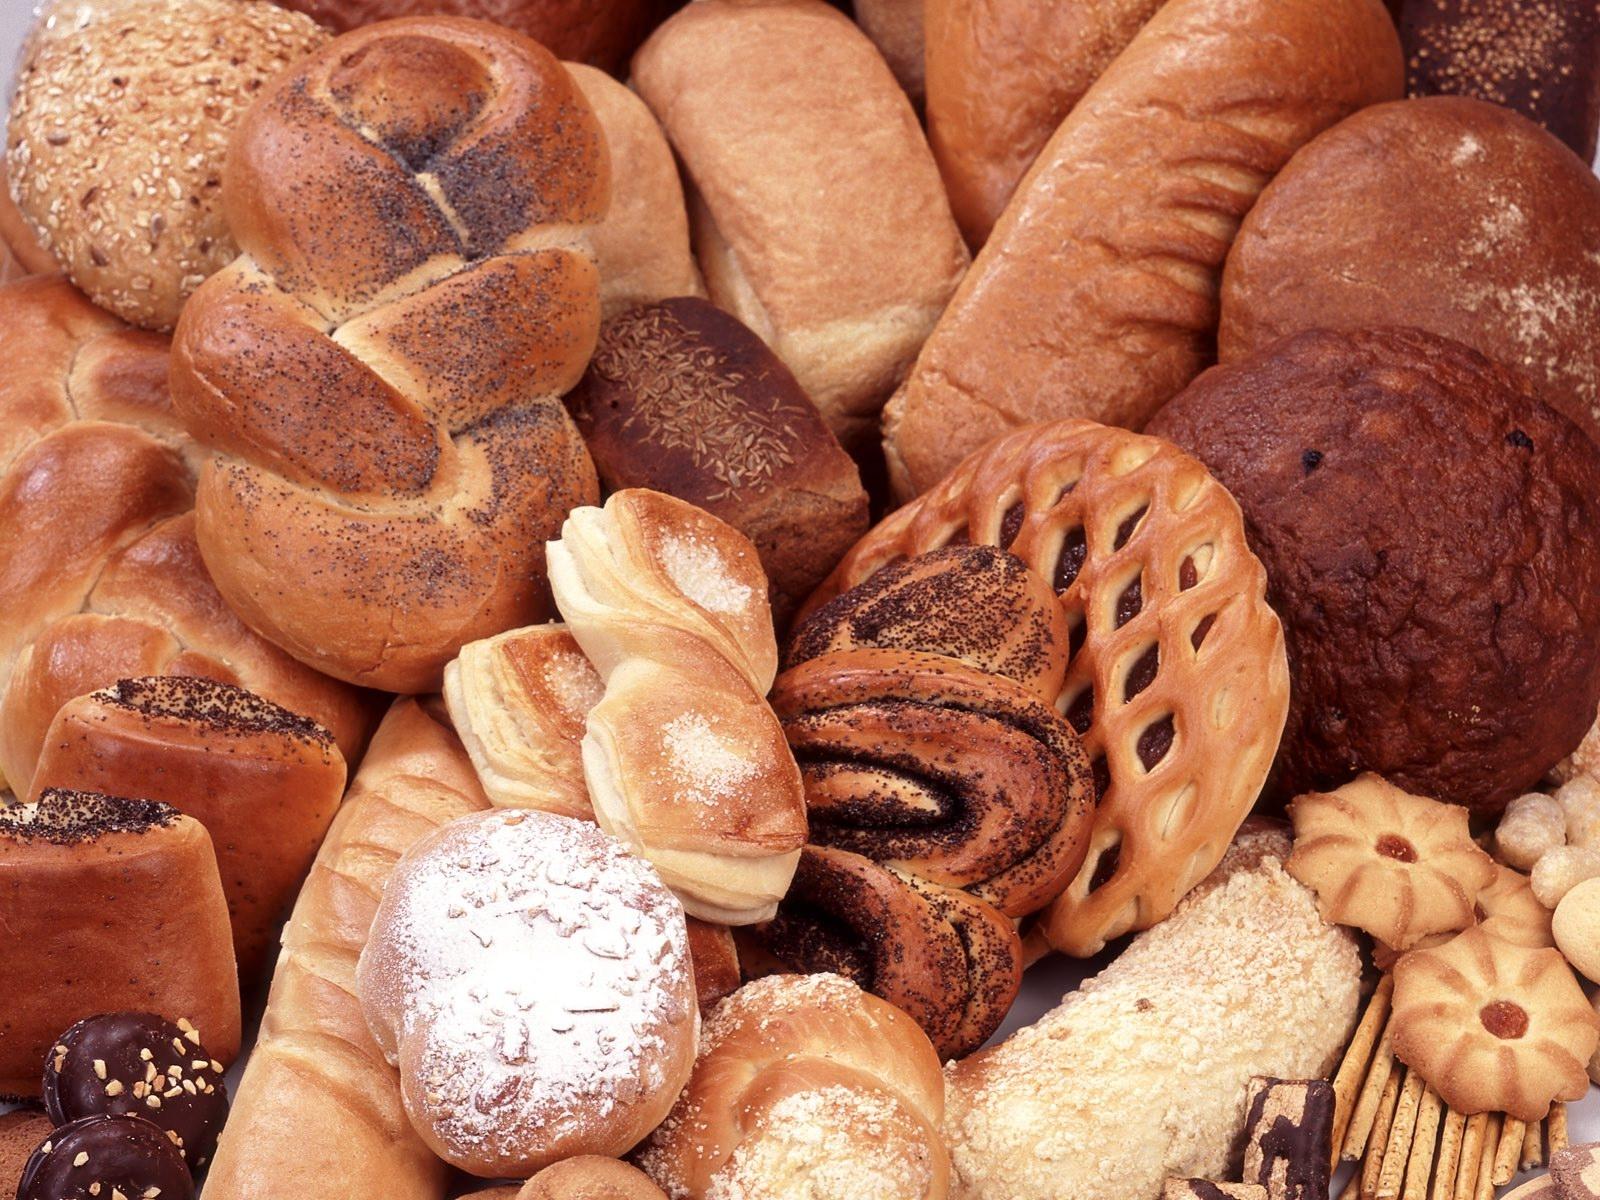 Картинки хлебобулочных изделия